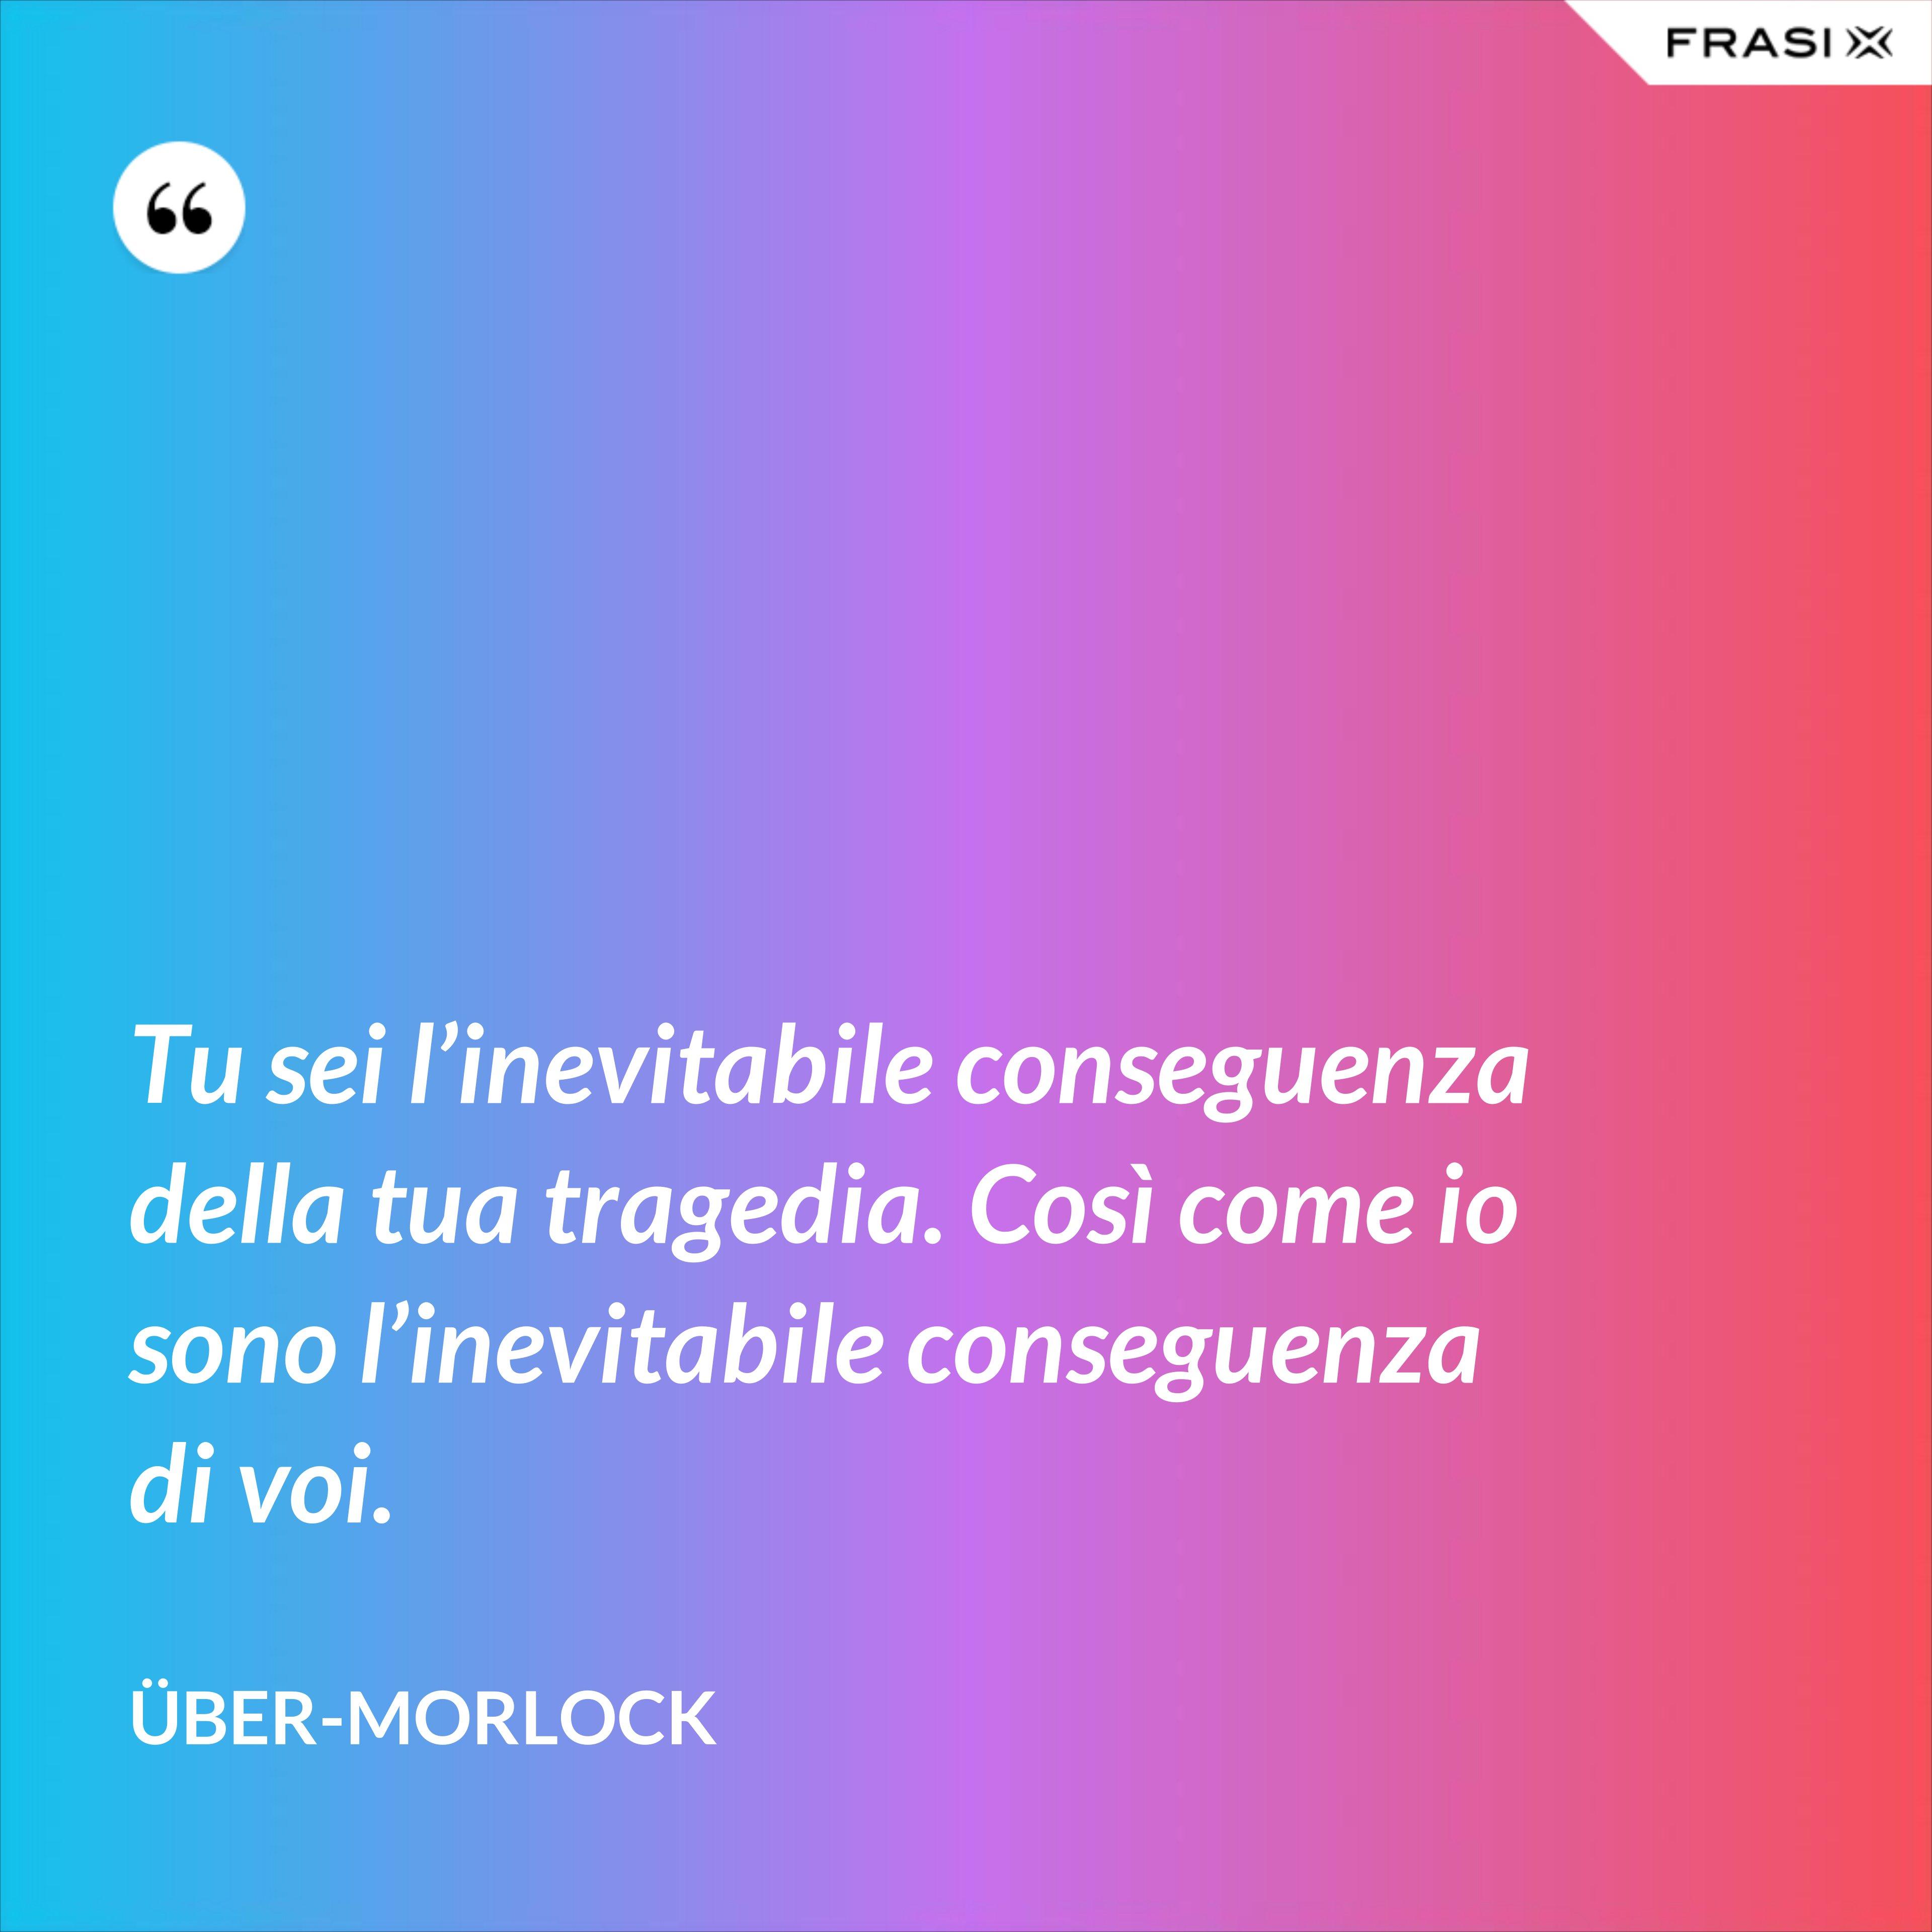 Tu sei l'inevitabile conseguenza della tua tragedia. Così come io sono l'inevitabile conseguenza di voi. - Über-Morlock